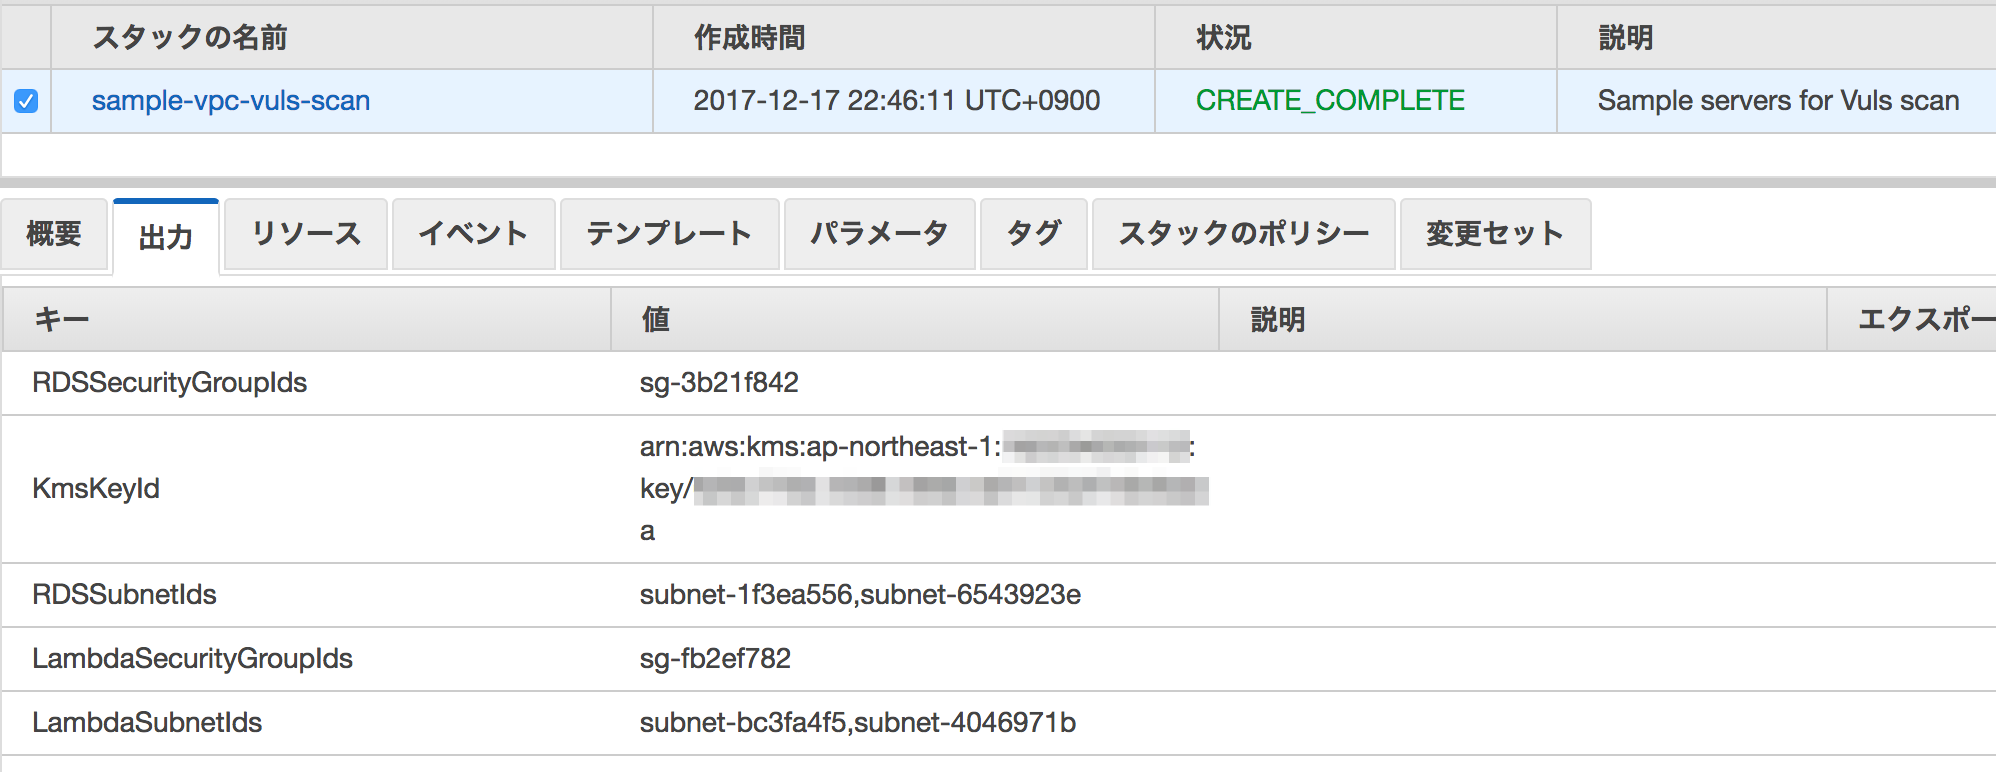 https://contents.blog.jicoman.info/2017/12/serverless-vuls-3.png